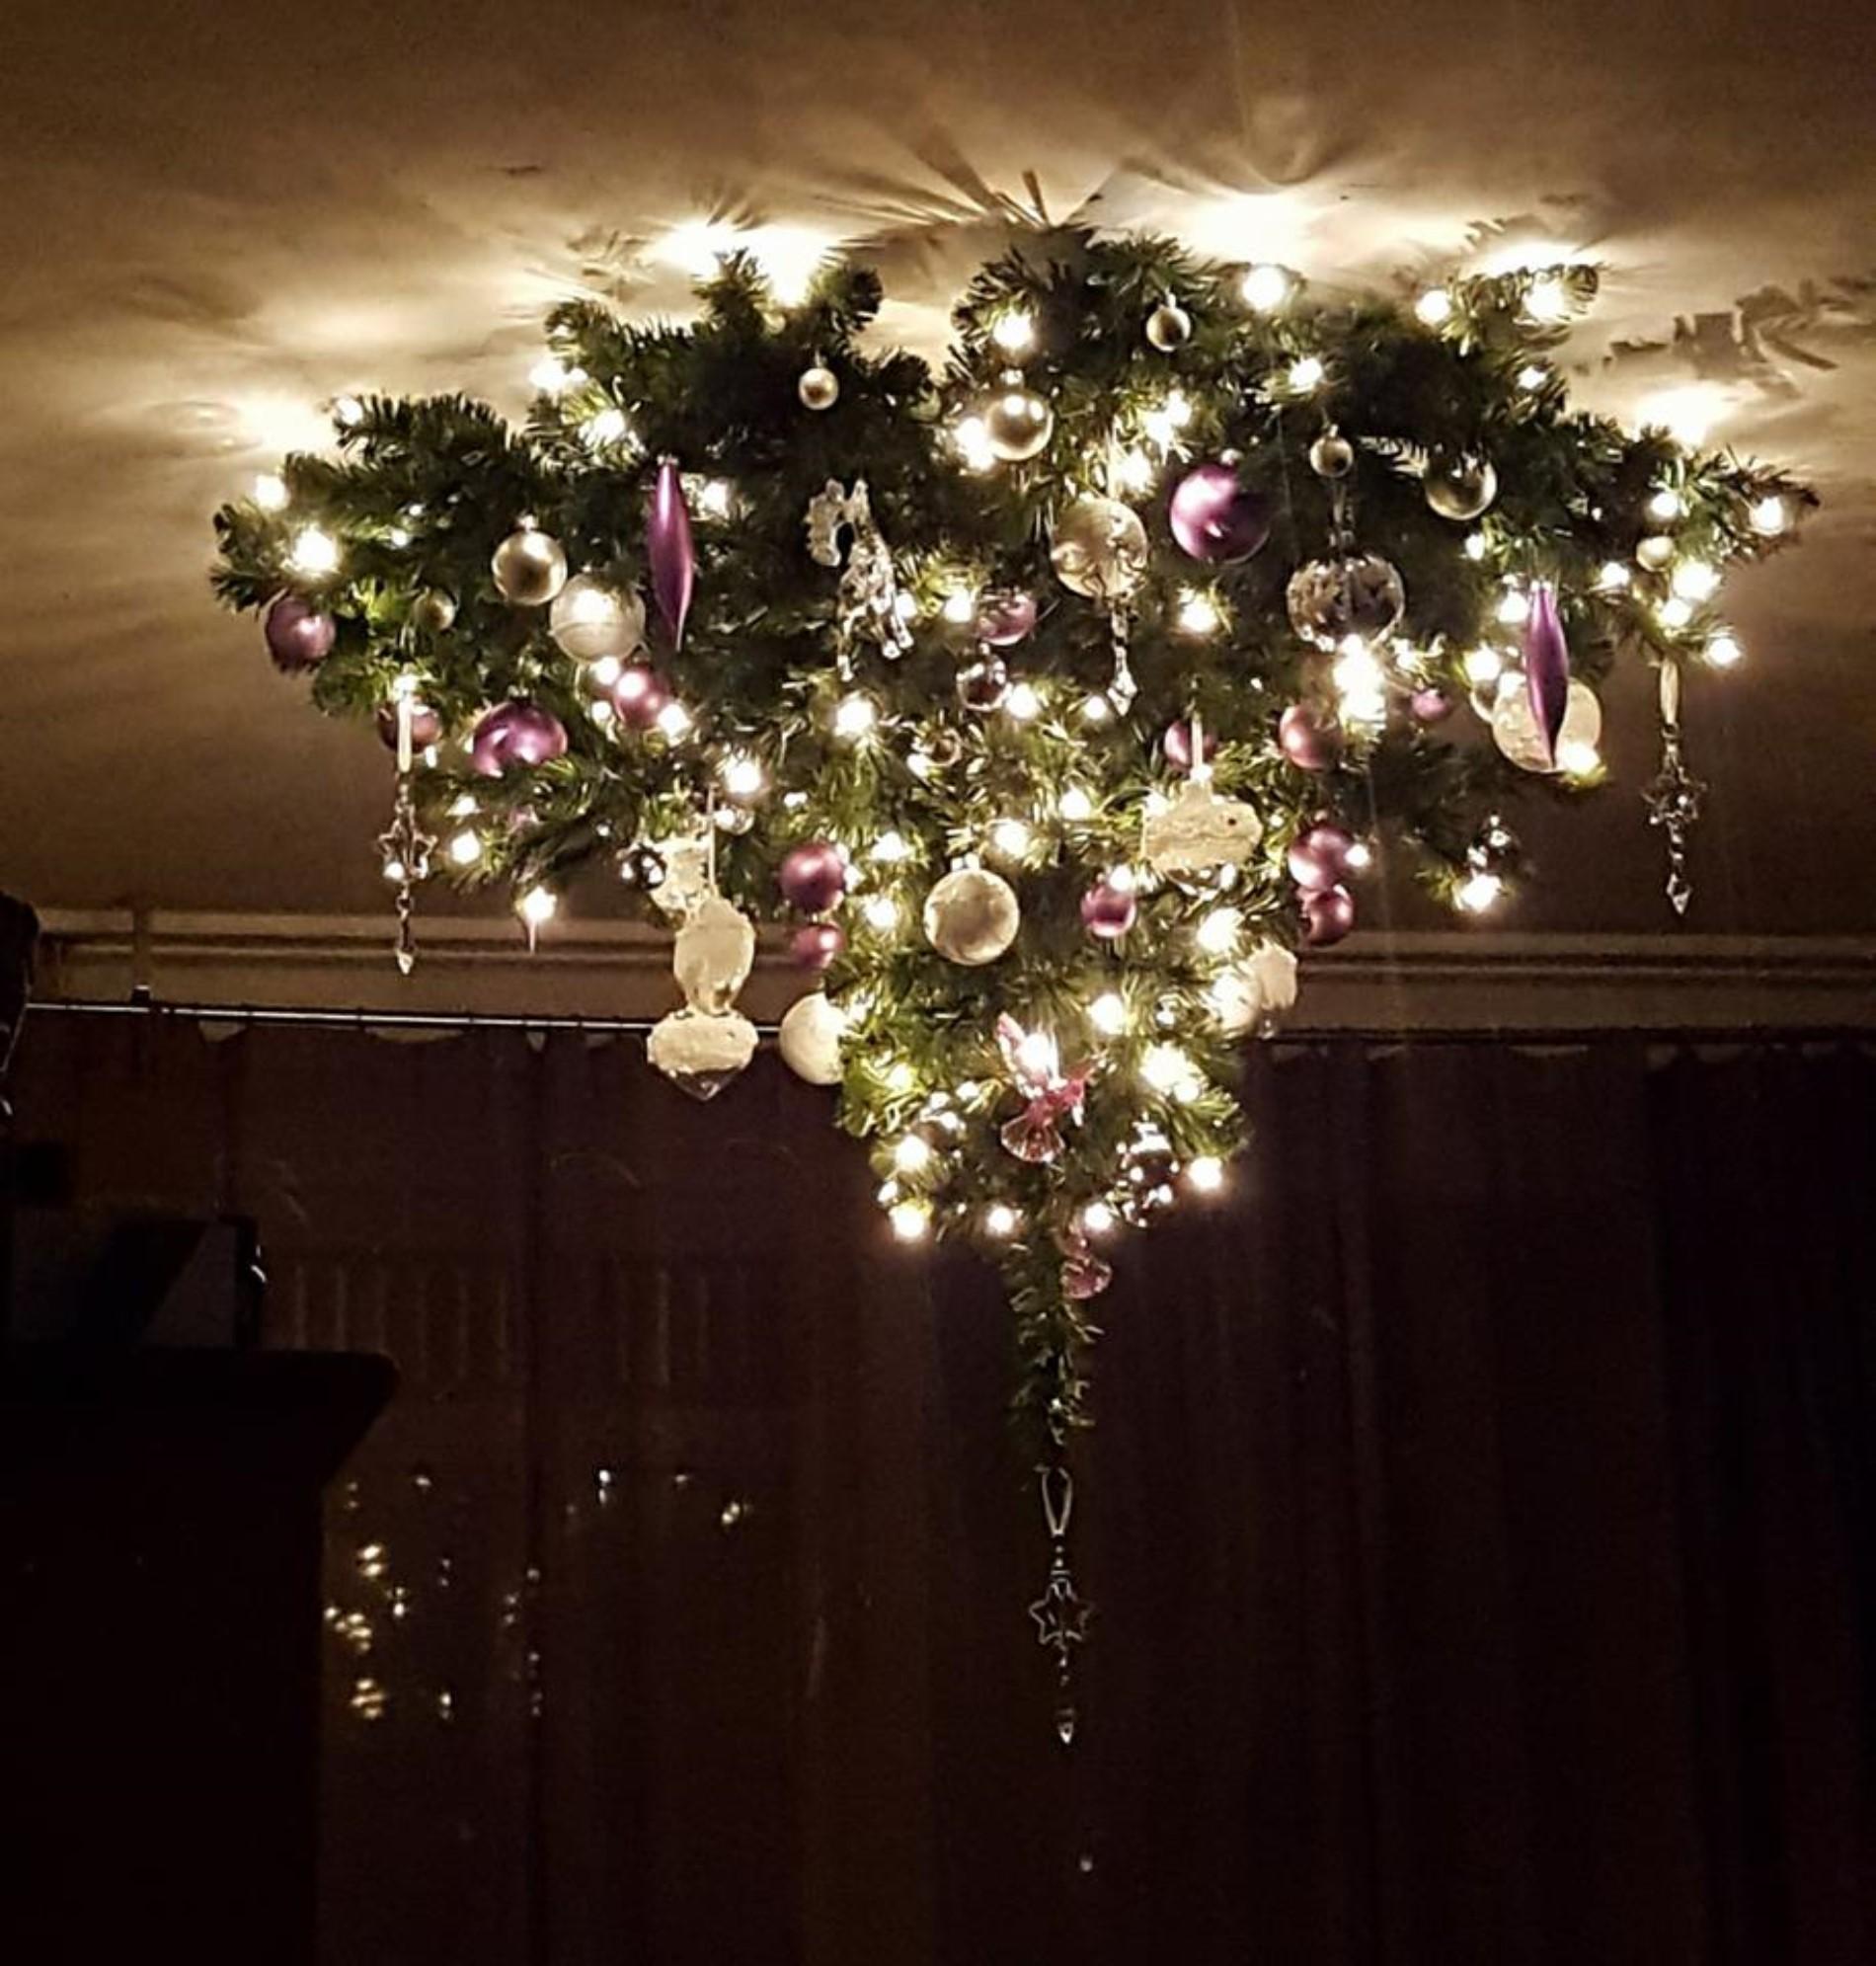 Goede De kerstboomtrend van dit jaar... is een paspop | Vrouw | Telegraaf.nl AU-43